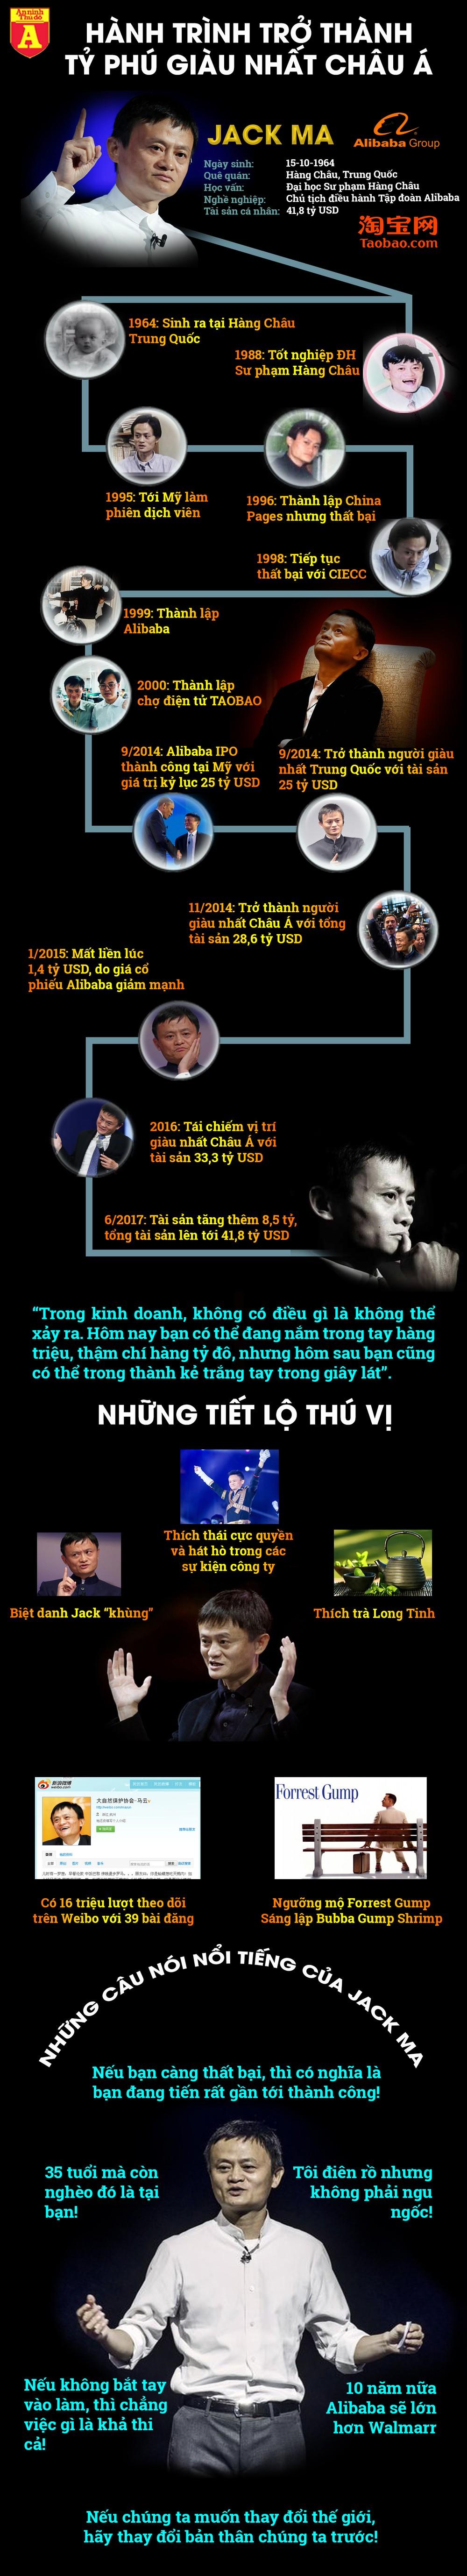 [Infographic] Tất tần tật về vị tỷ phú tự thân Jack Ma ảnh 2